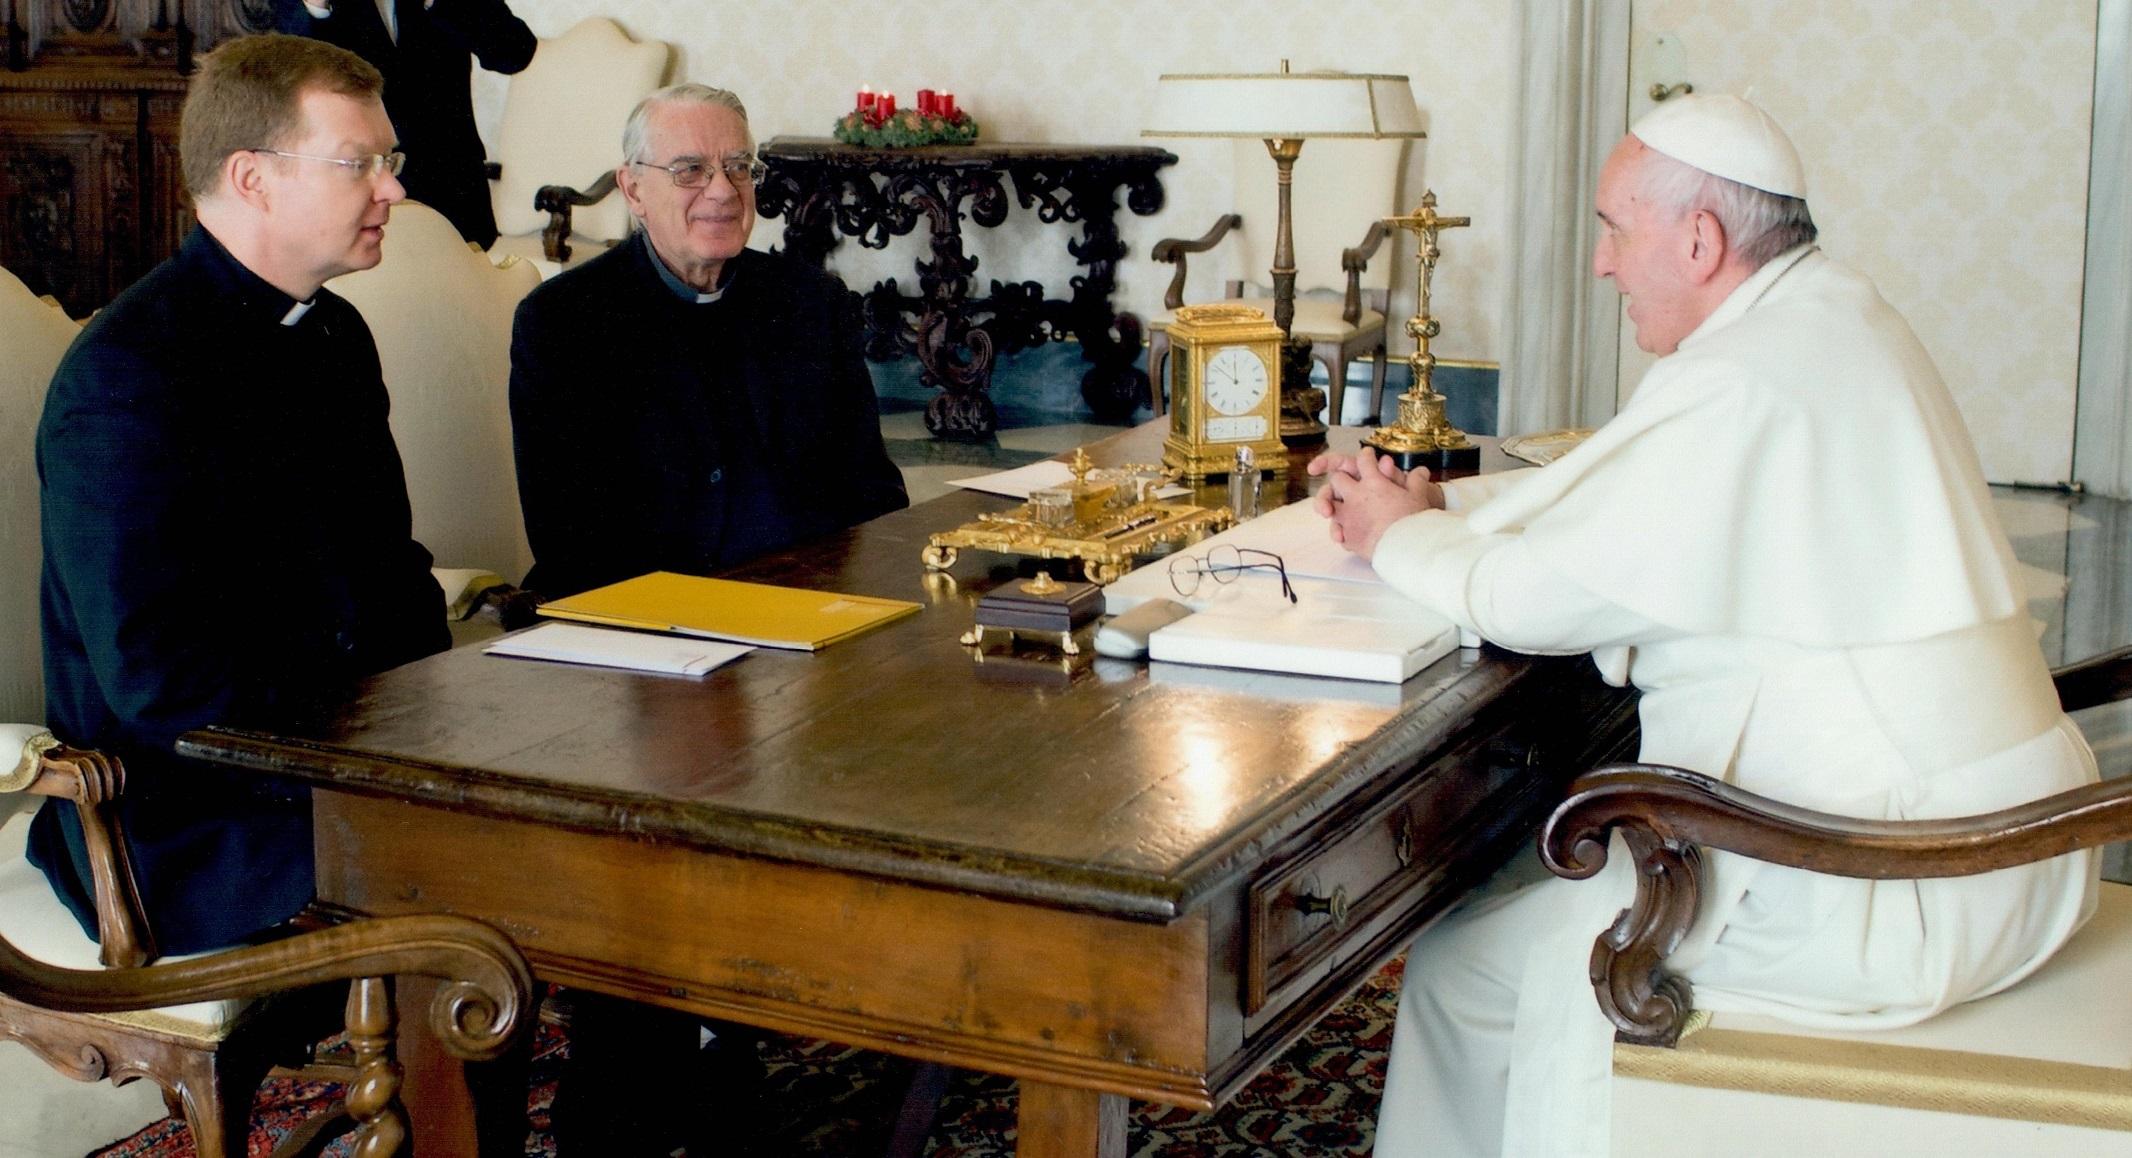 Le pape reçoit le p. Zollner et le p. Lombardi © ccpblog.unigre.it